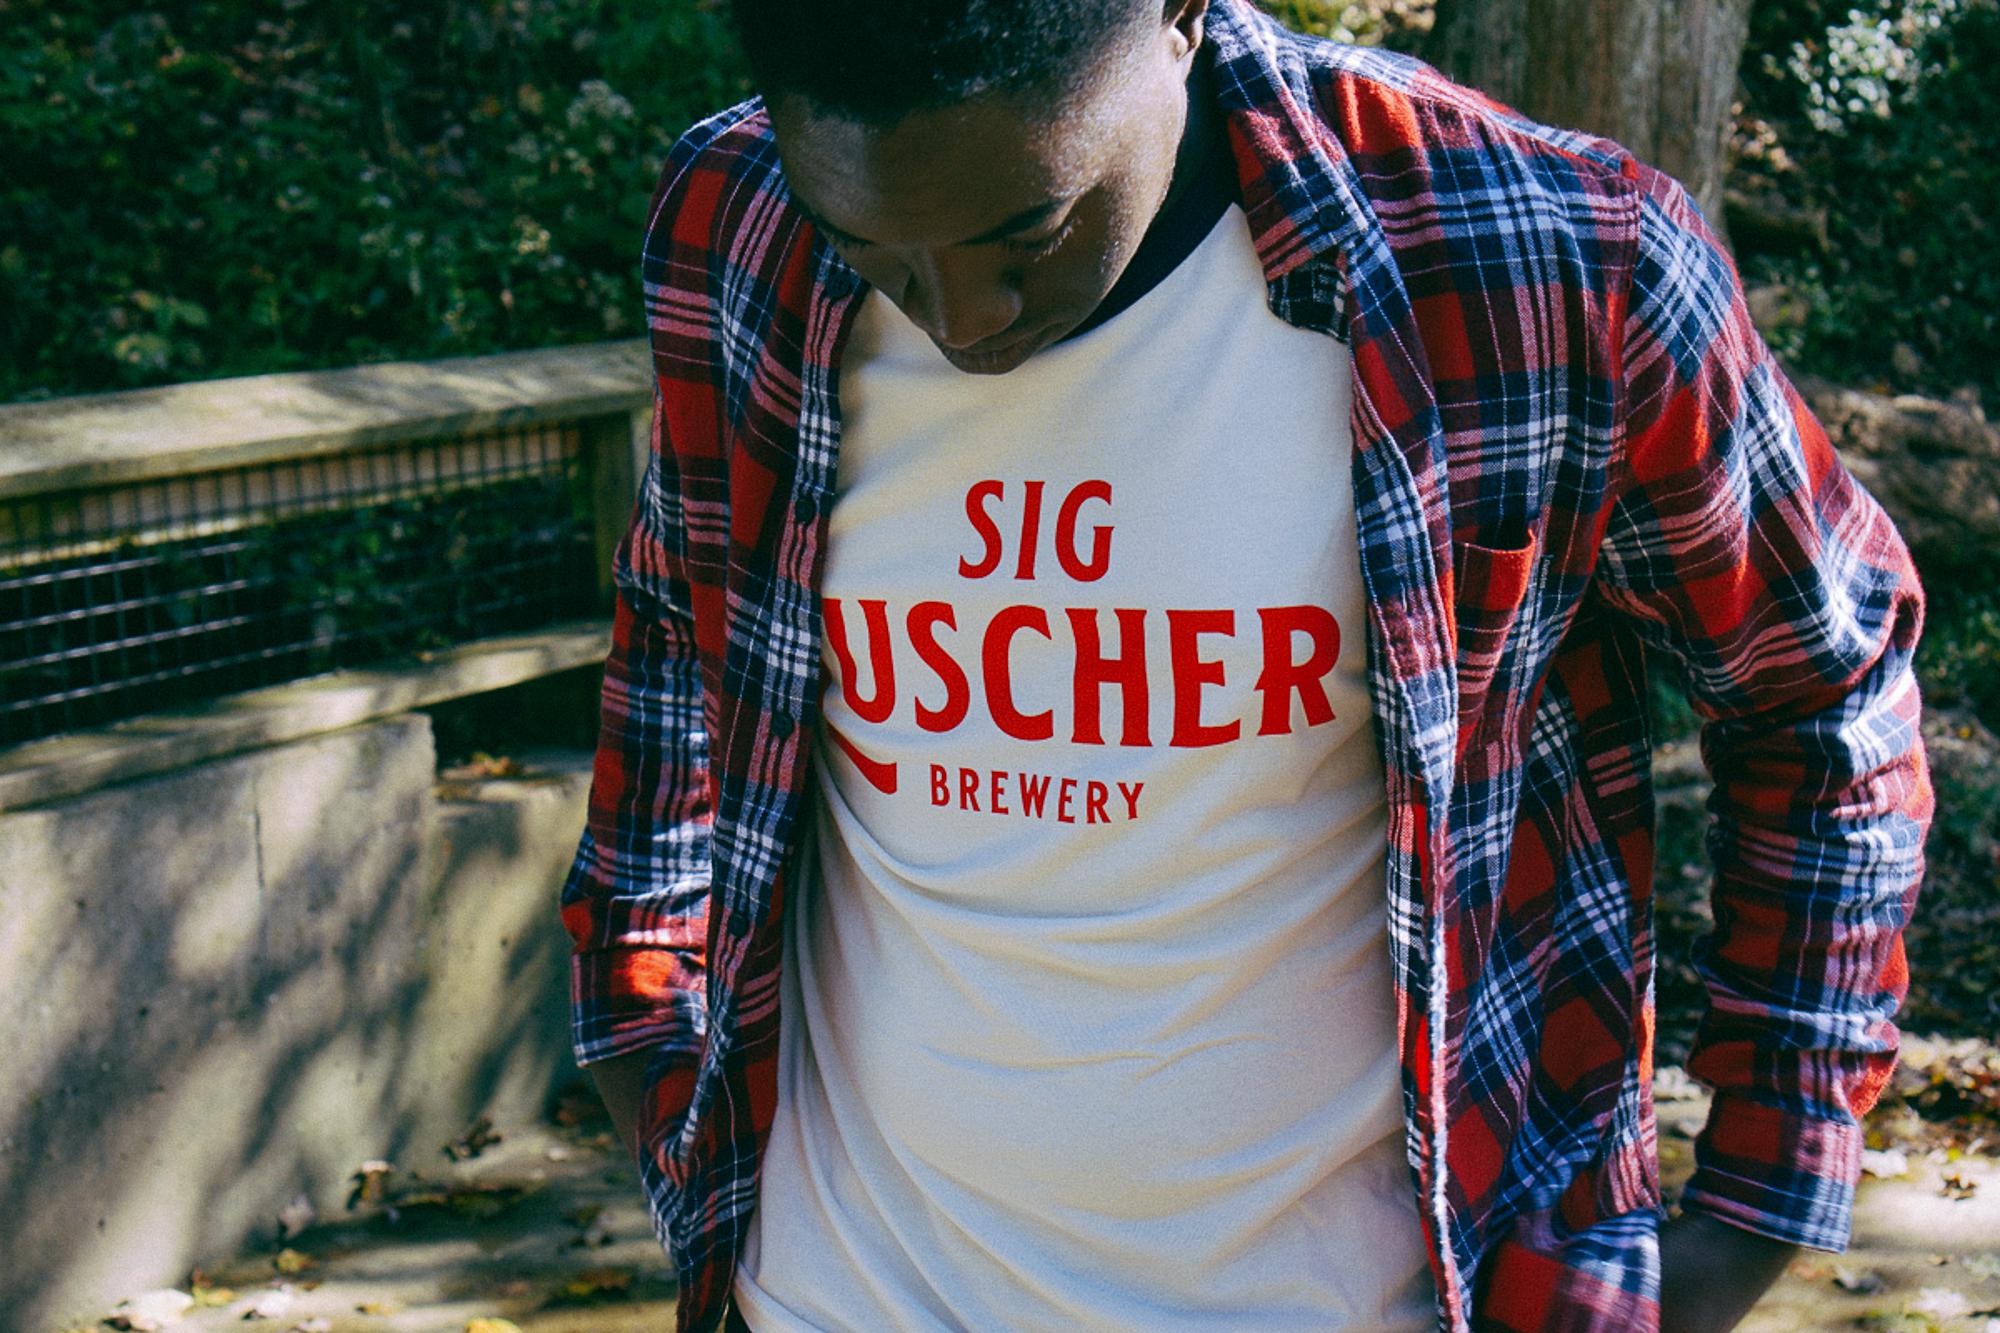 SigLuscher_Photoshoot_1-7.jpg